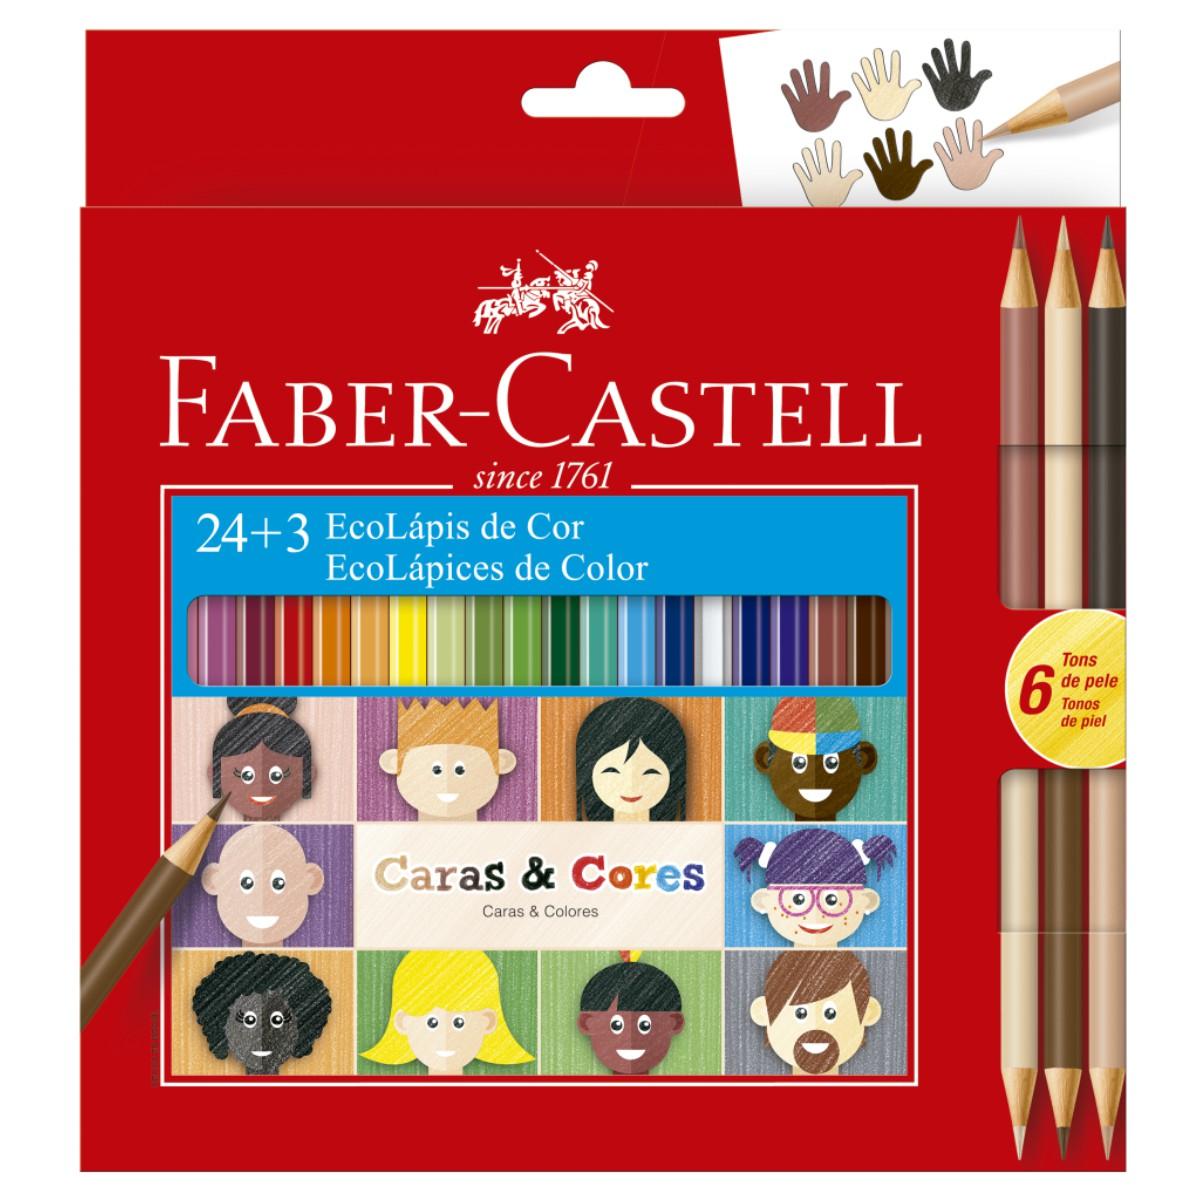 Lápis de Cor 24 Cores + 3 Caras e Cores